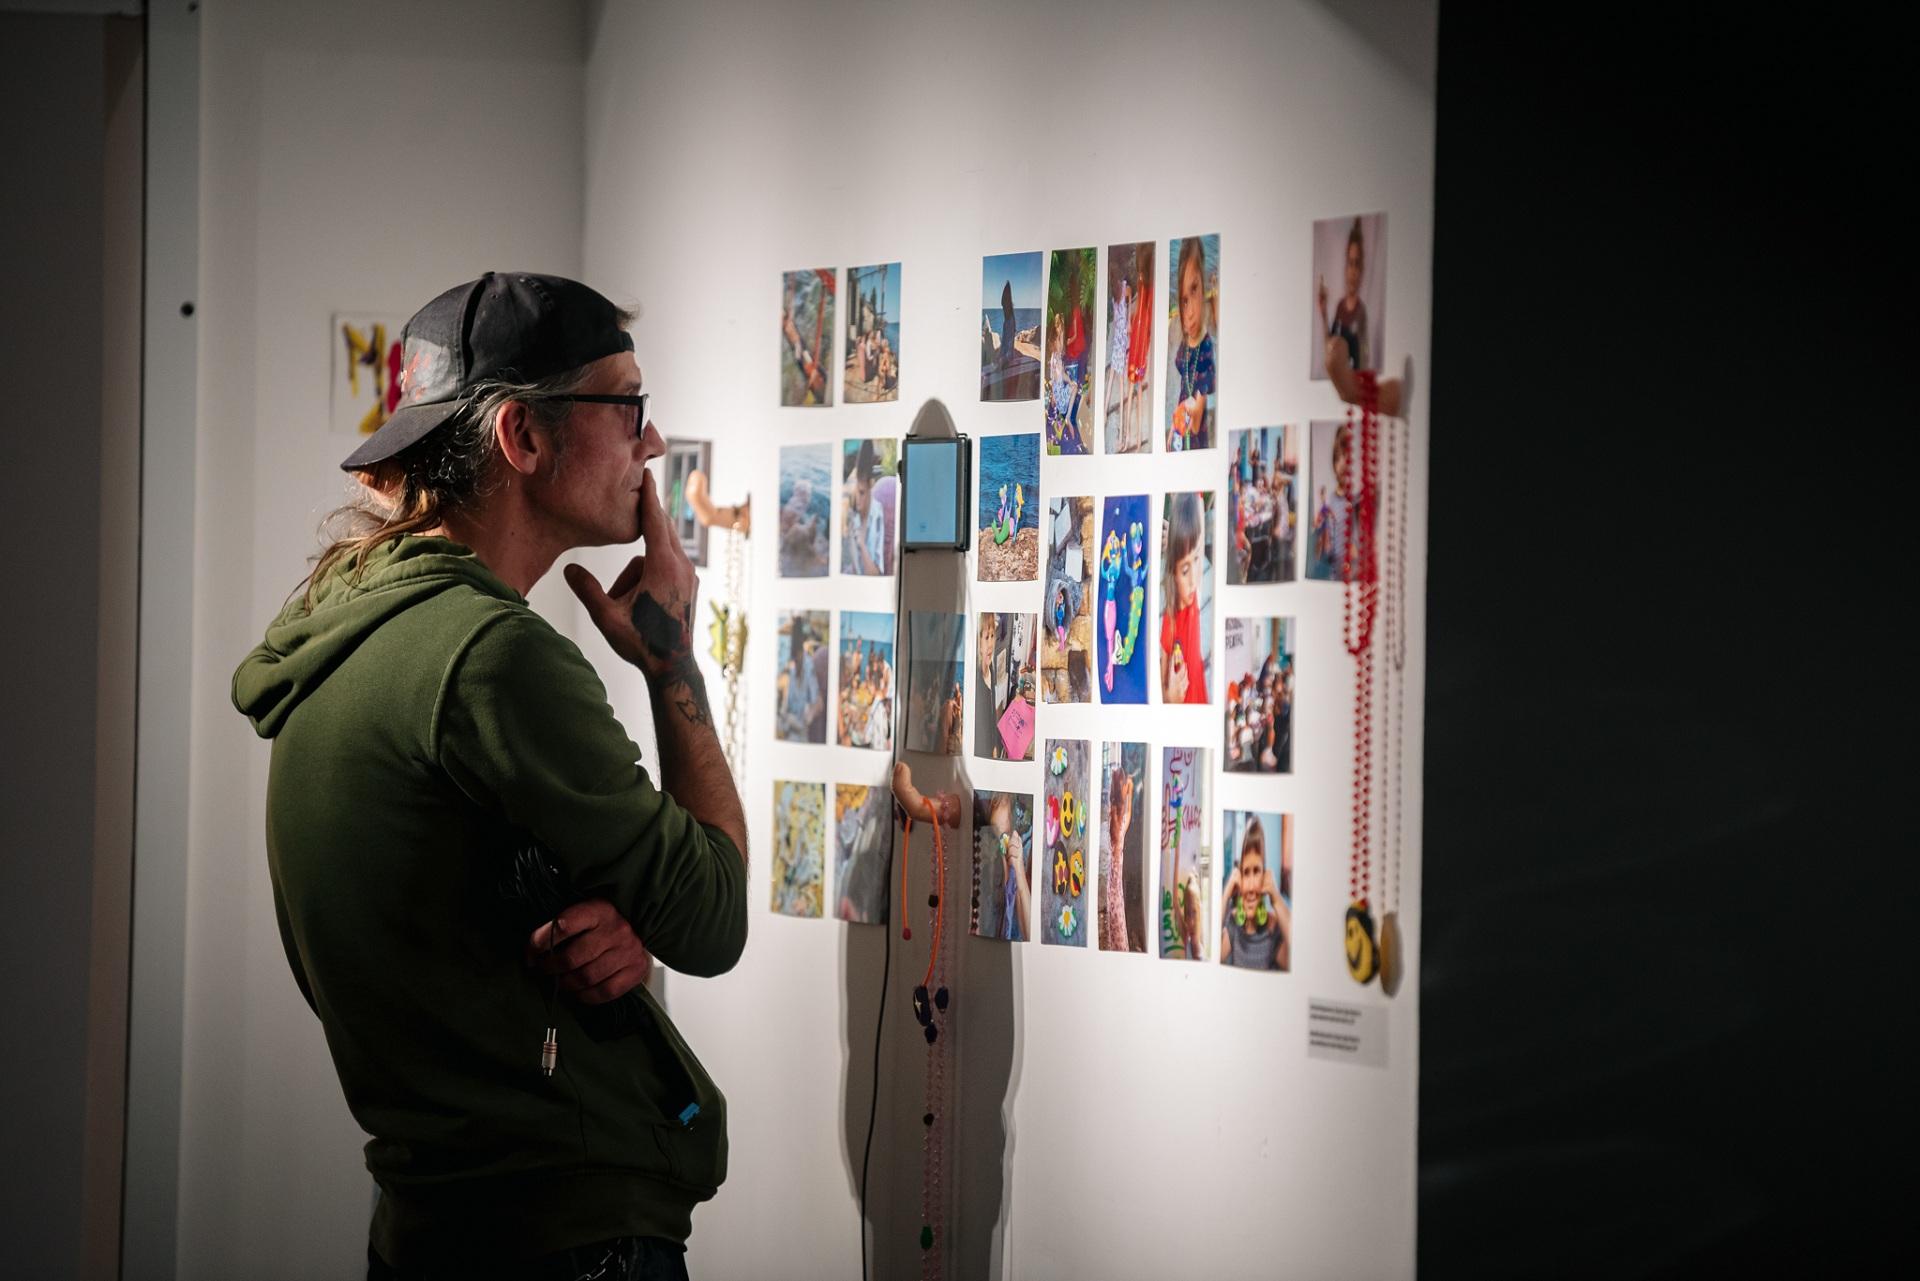 У Центрі сучасного мистецтва М17 відкрилася виставка «На акваторії заводу купатися було заборонено»-Фото 2